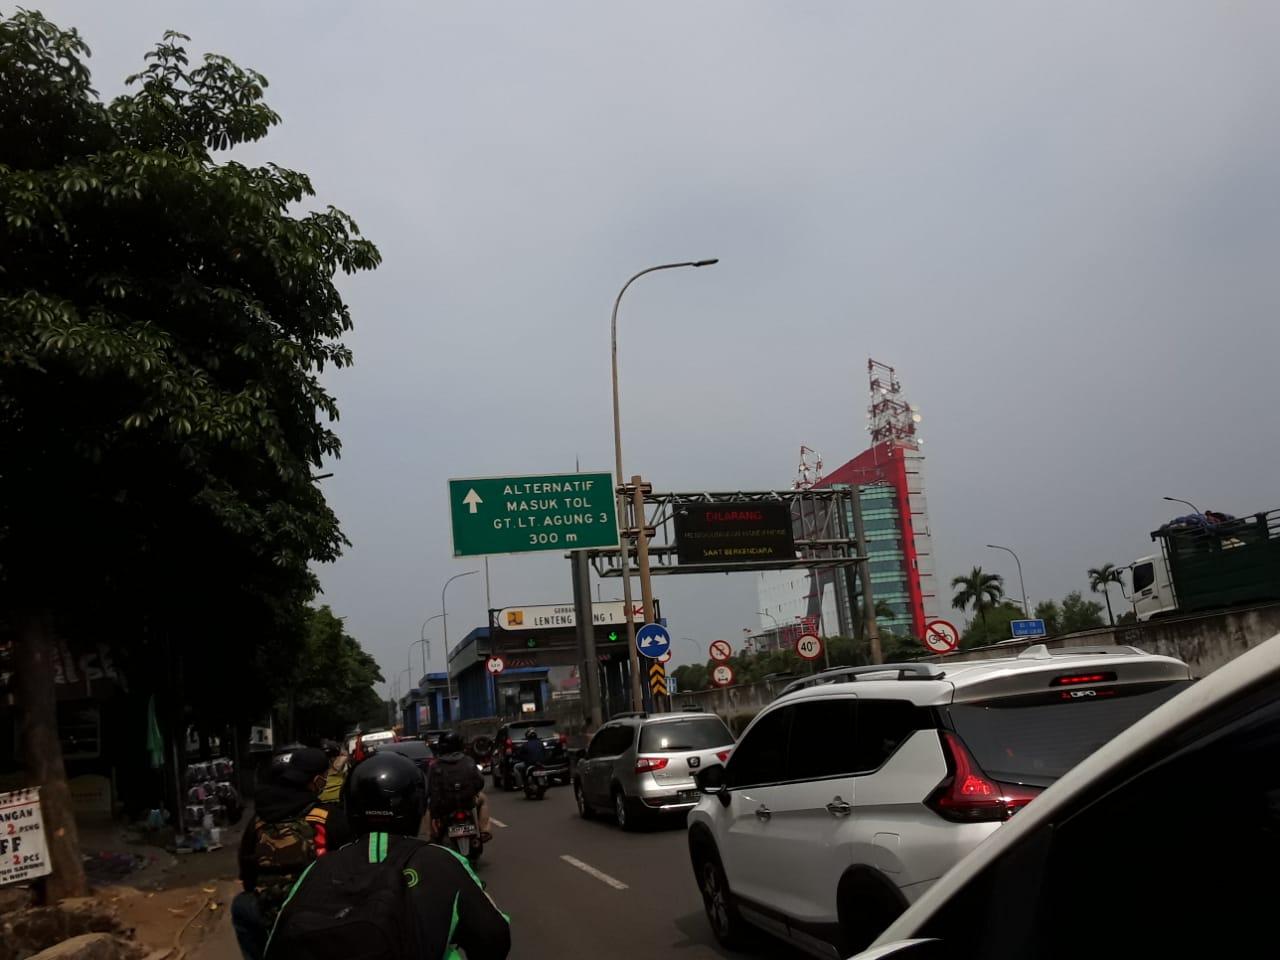 Lalu lintas di Jln TB Simatupang, Jaksel, dari lepas Fly Over Tanjung Barat - Lenteng Agung menuju Rindam Ranco padat. Cuaca cerah. (P. Hasbiallah)